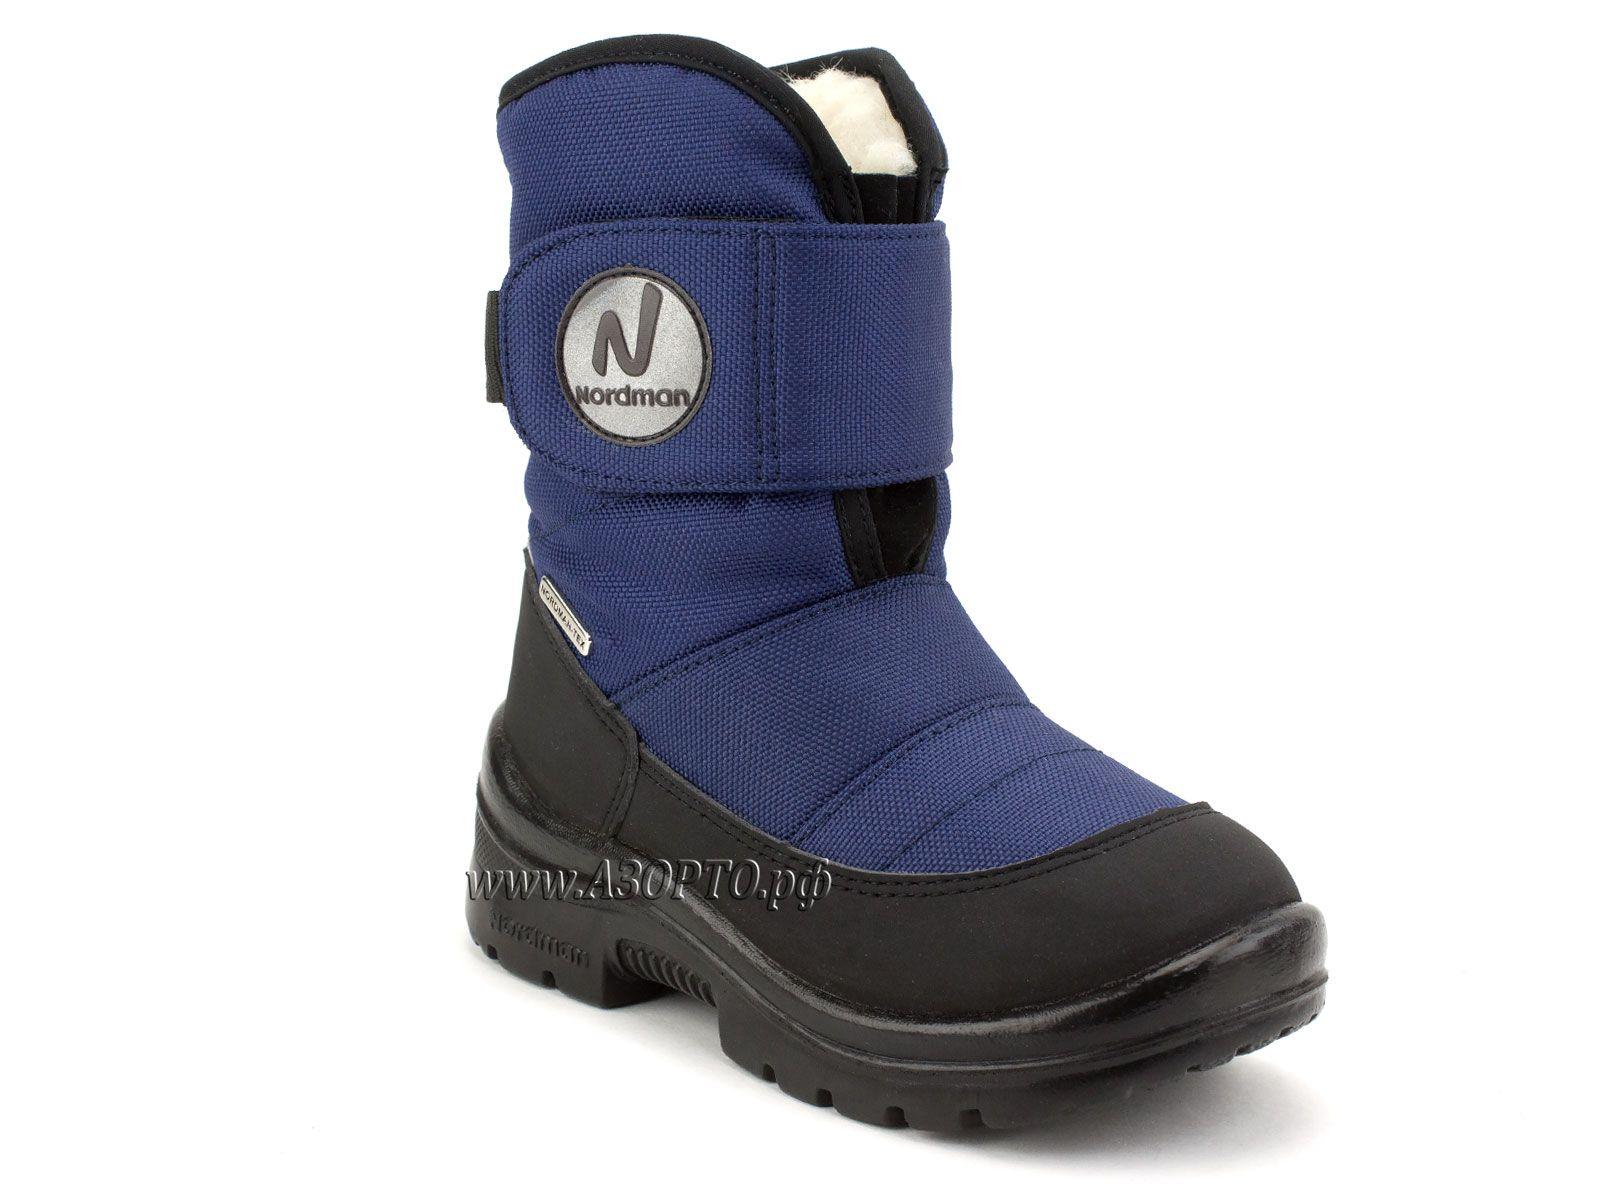 06639437bfb8 215035-02 Нордман Некст (Nordman Next), сапоги детские зимние, мембрана,  шерсть, синий